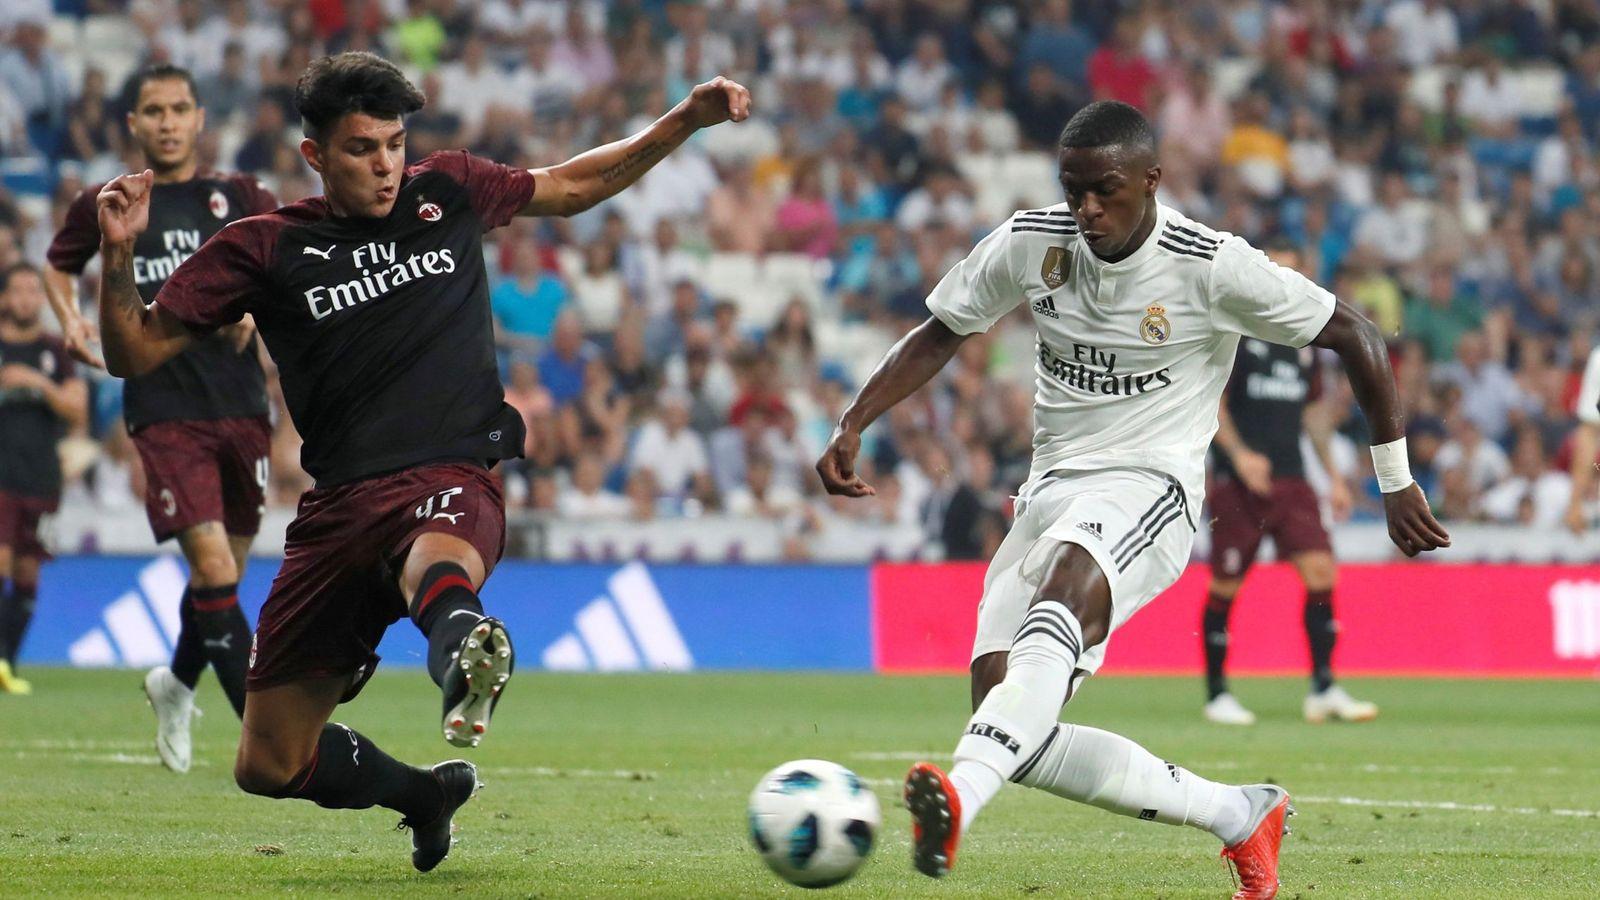 Foto: Vinicius preocupa más en el Real Madrid que la búsqueda del 9 que demanda Lopetegui. (EFE)